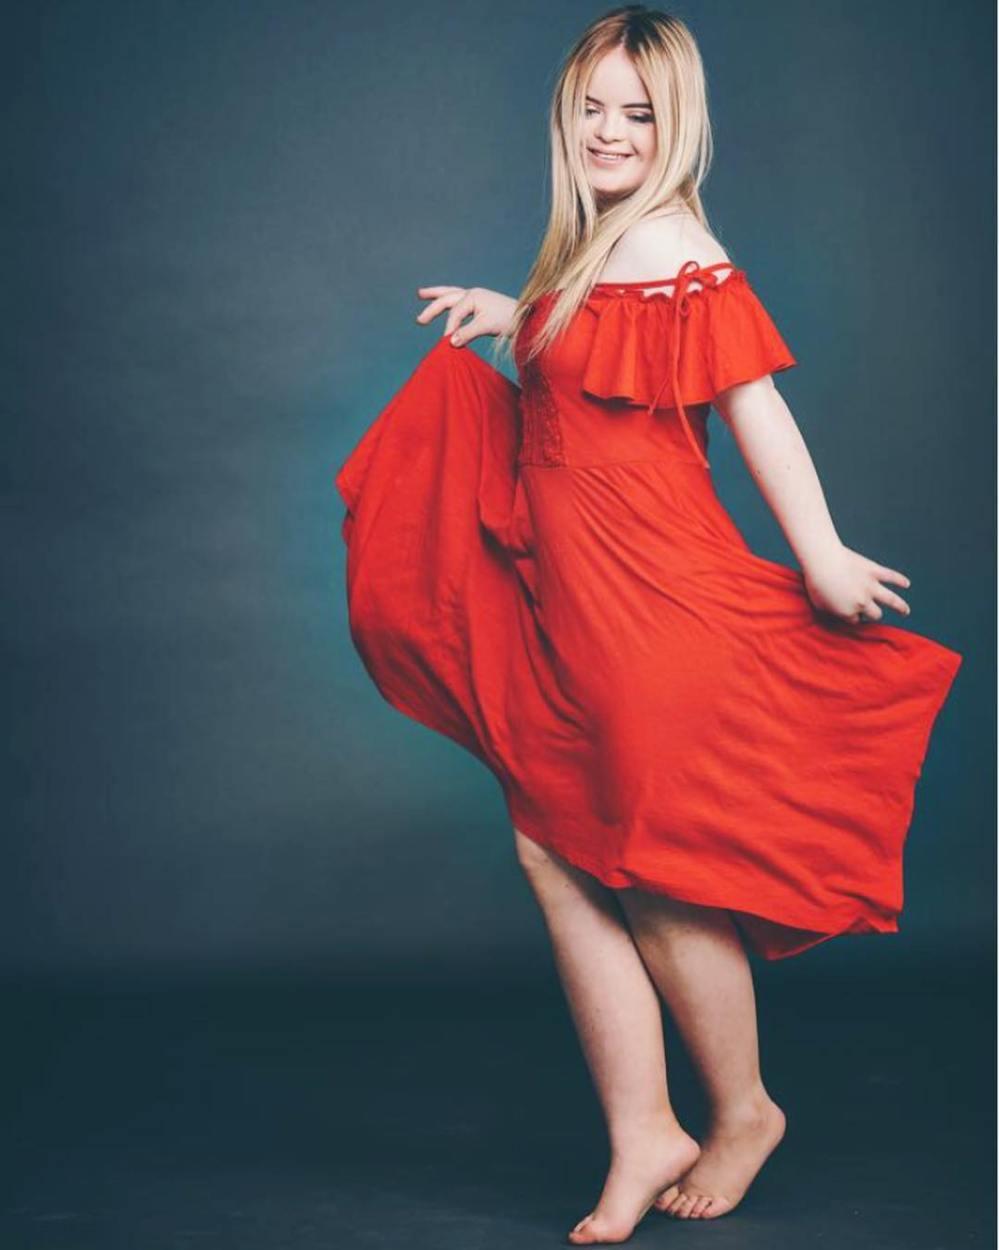 Дівчина з синдромом Дауна стала обличчям косметичної марки: фото незвичайної моделі